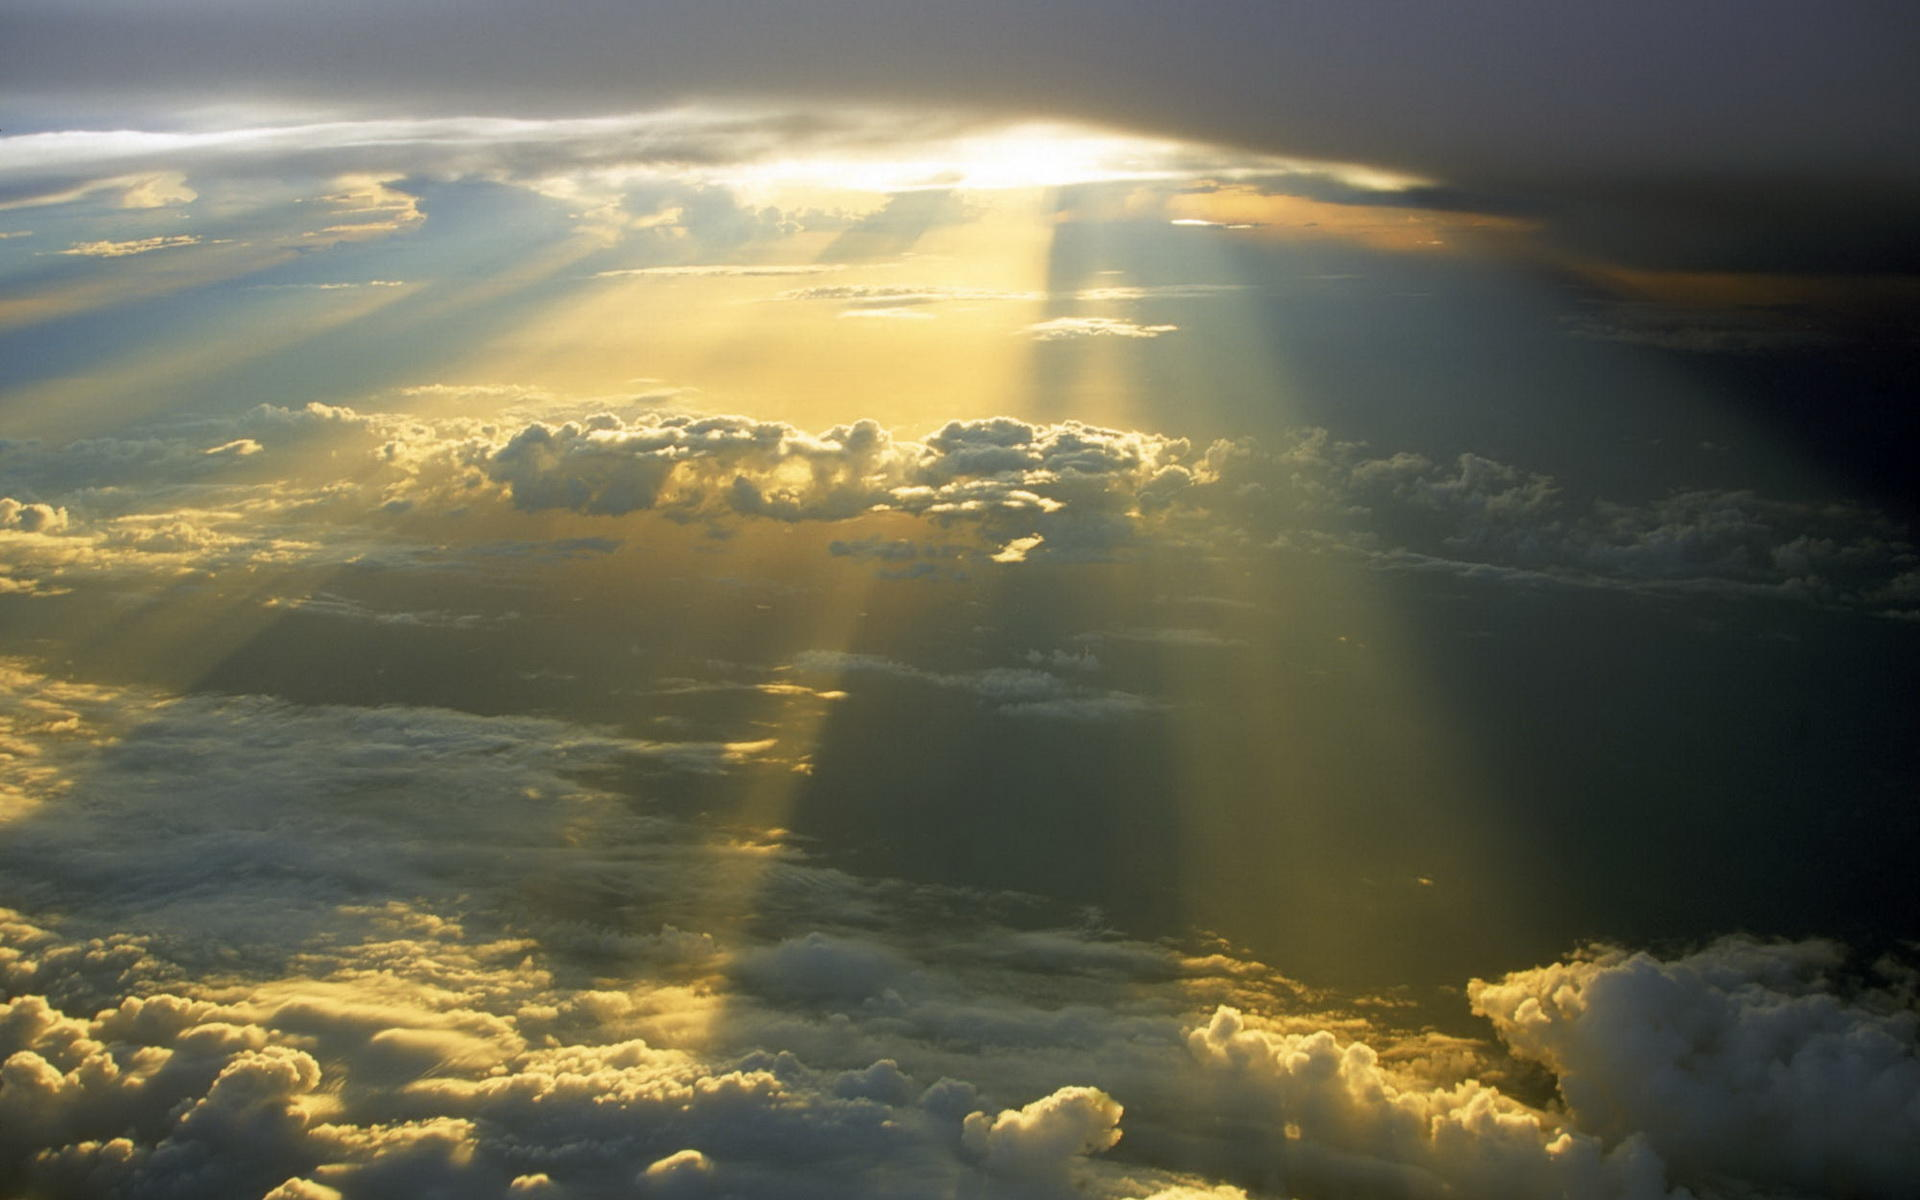 вас проявлялась фото божественные чудеса на земле данное новшество отлично